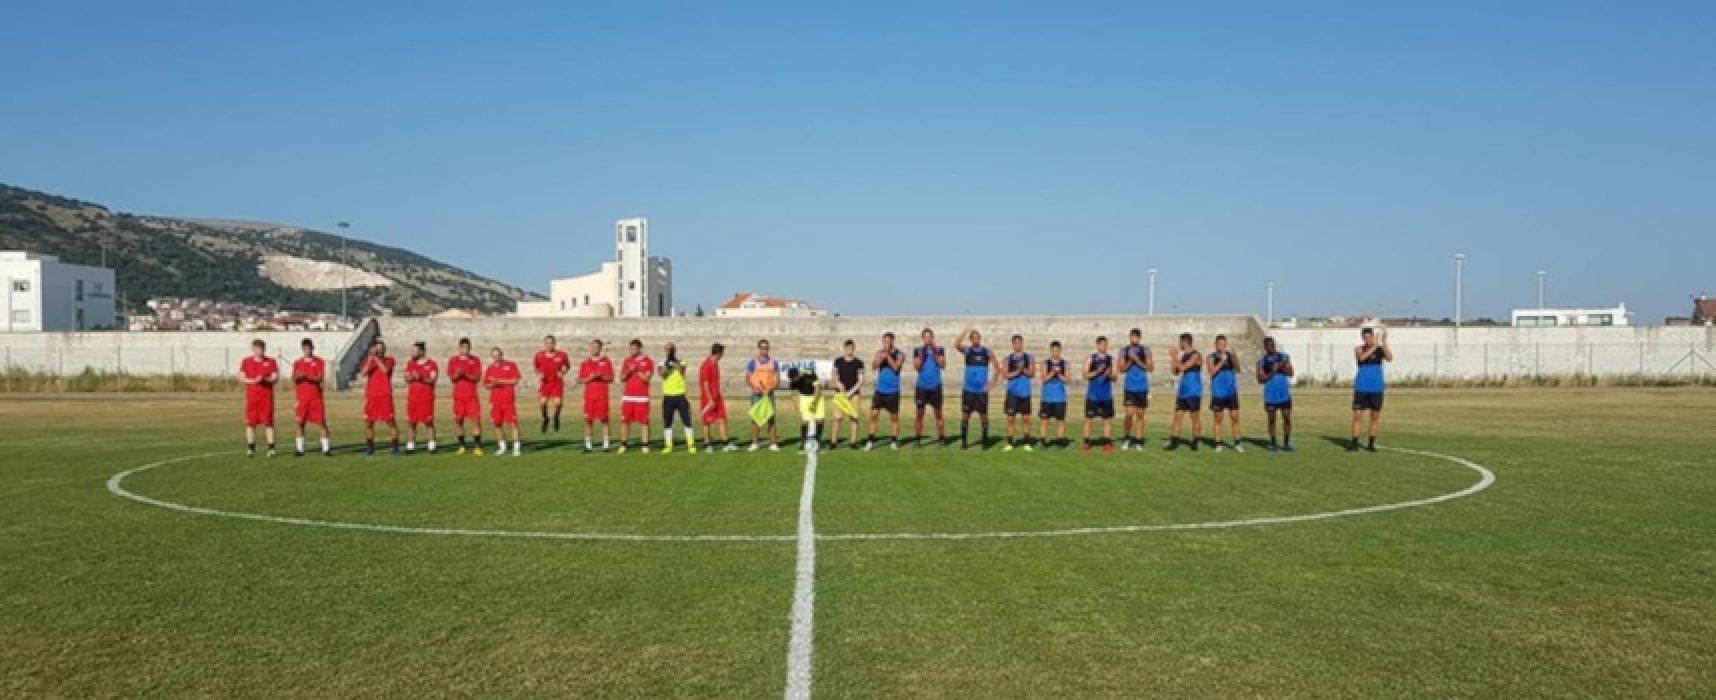 Bisceglie Calcio: sette gol nella prima vittoriosa amichevole